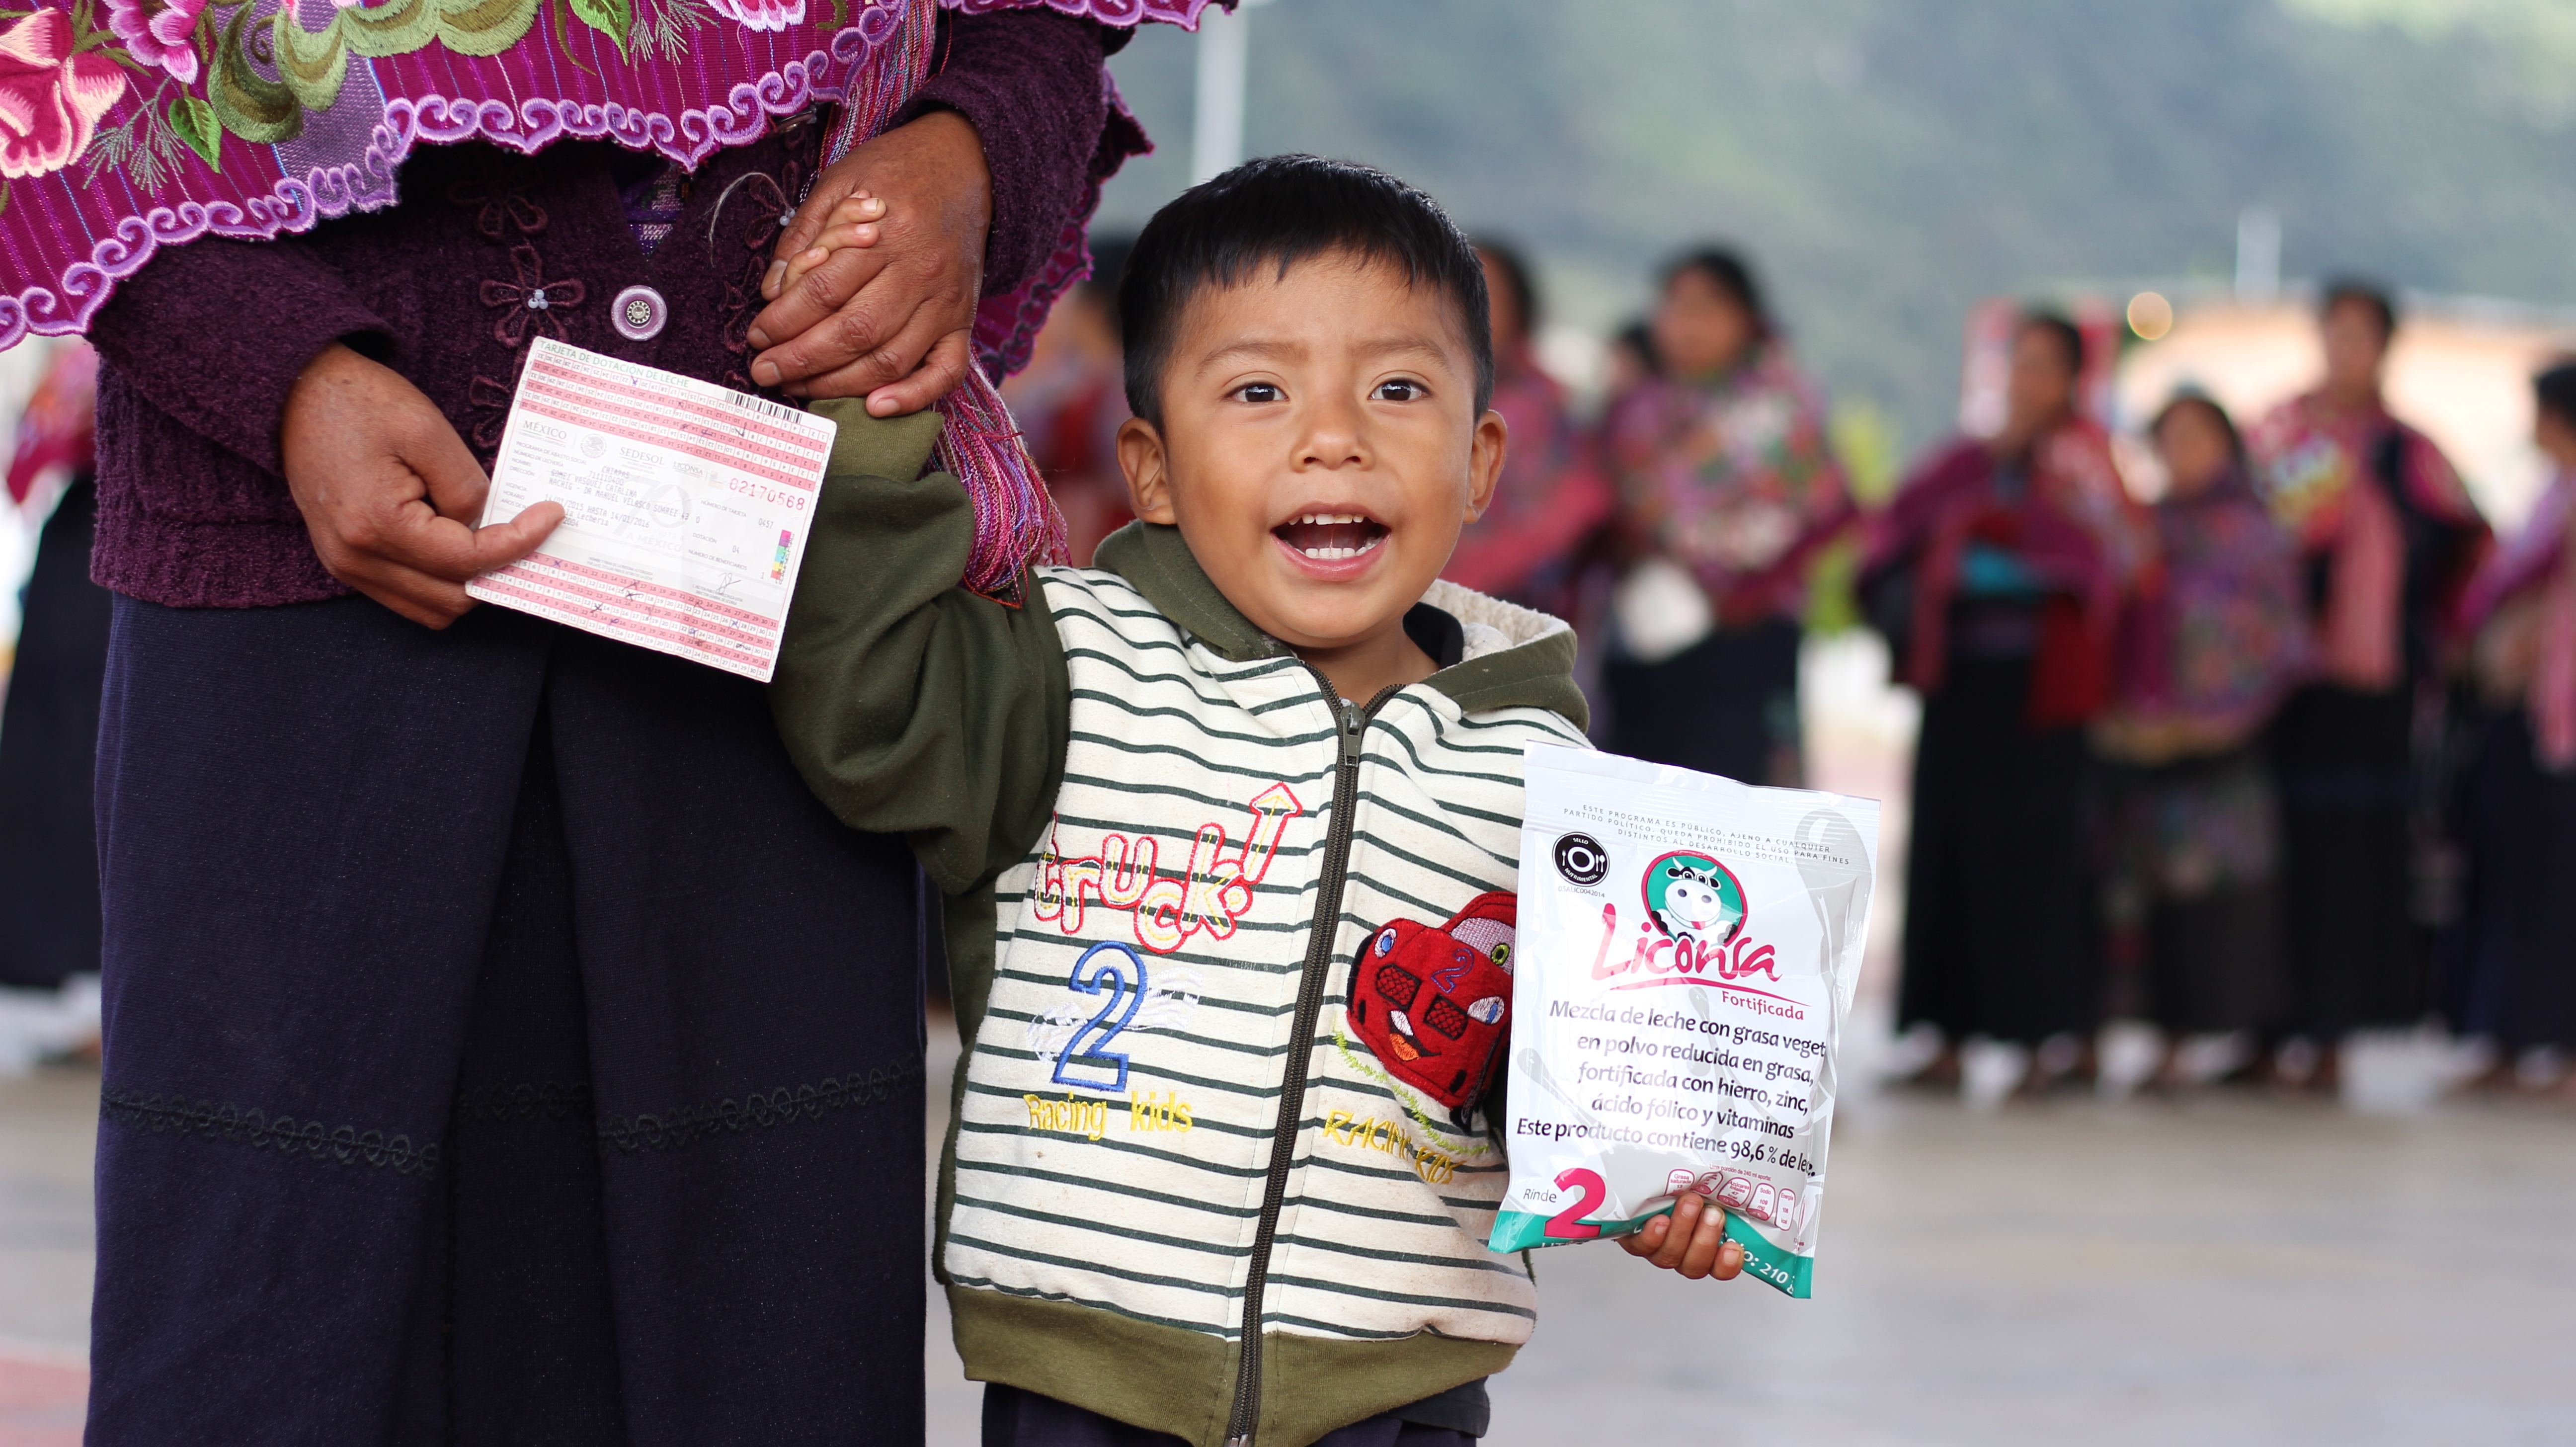 Niño con sobre de leche Liconsa de la mano de su mamá